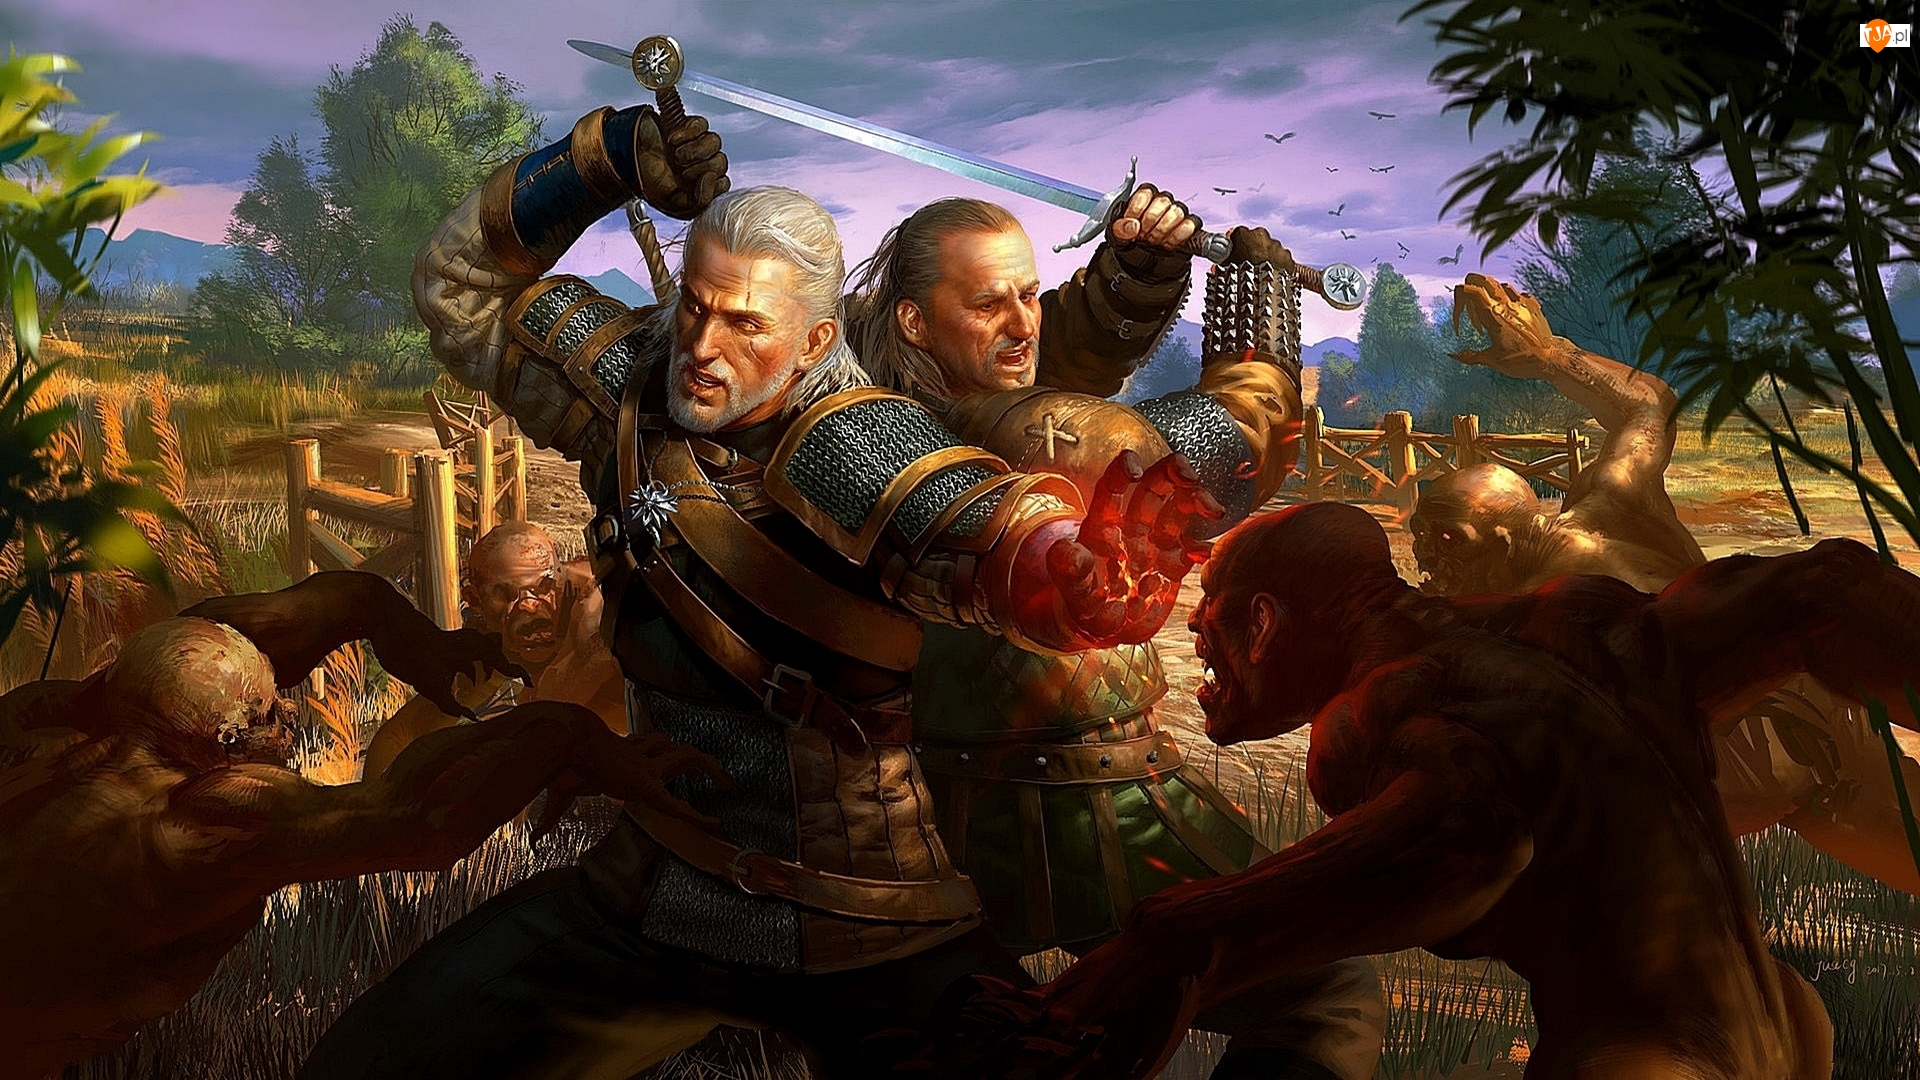 Wiedźmin 3 Dziki Gon, Walka, The Witcher 3 Wild Hunt, Gra, Postacie